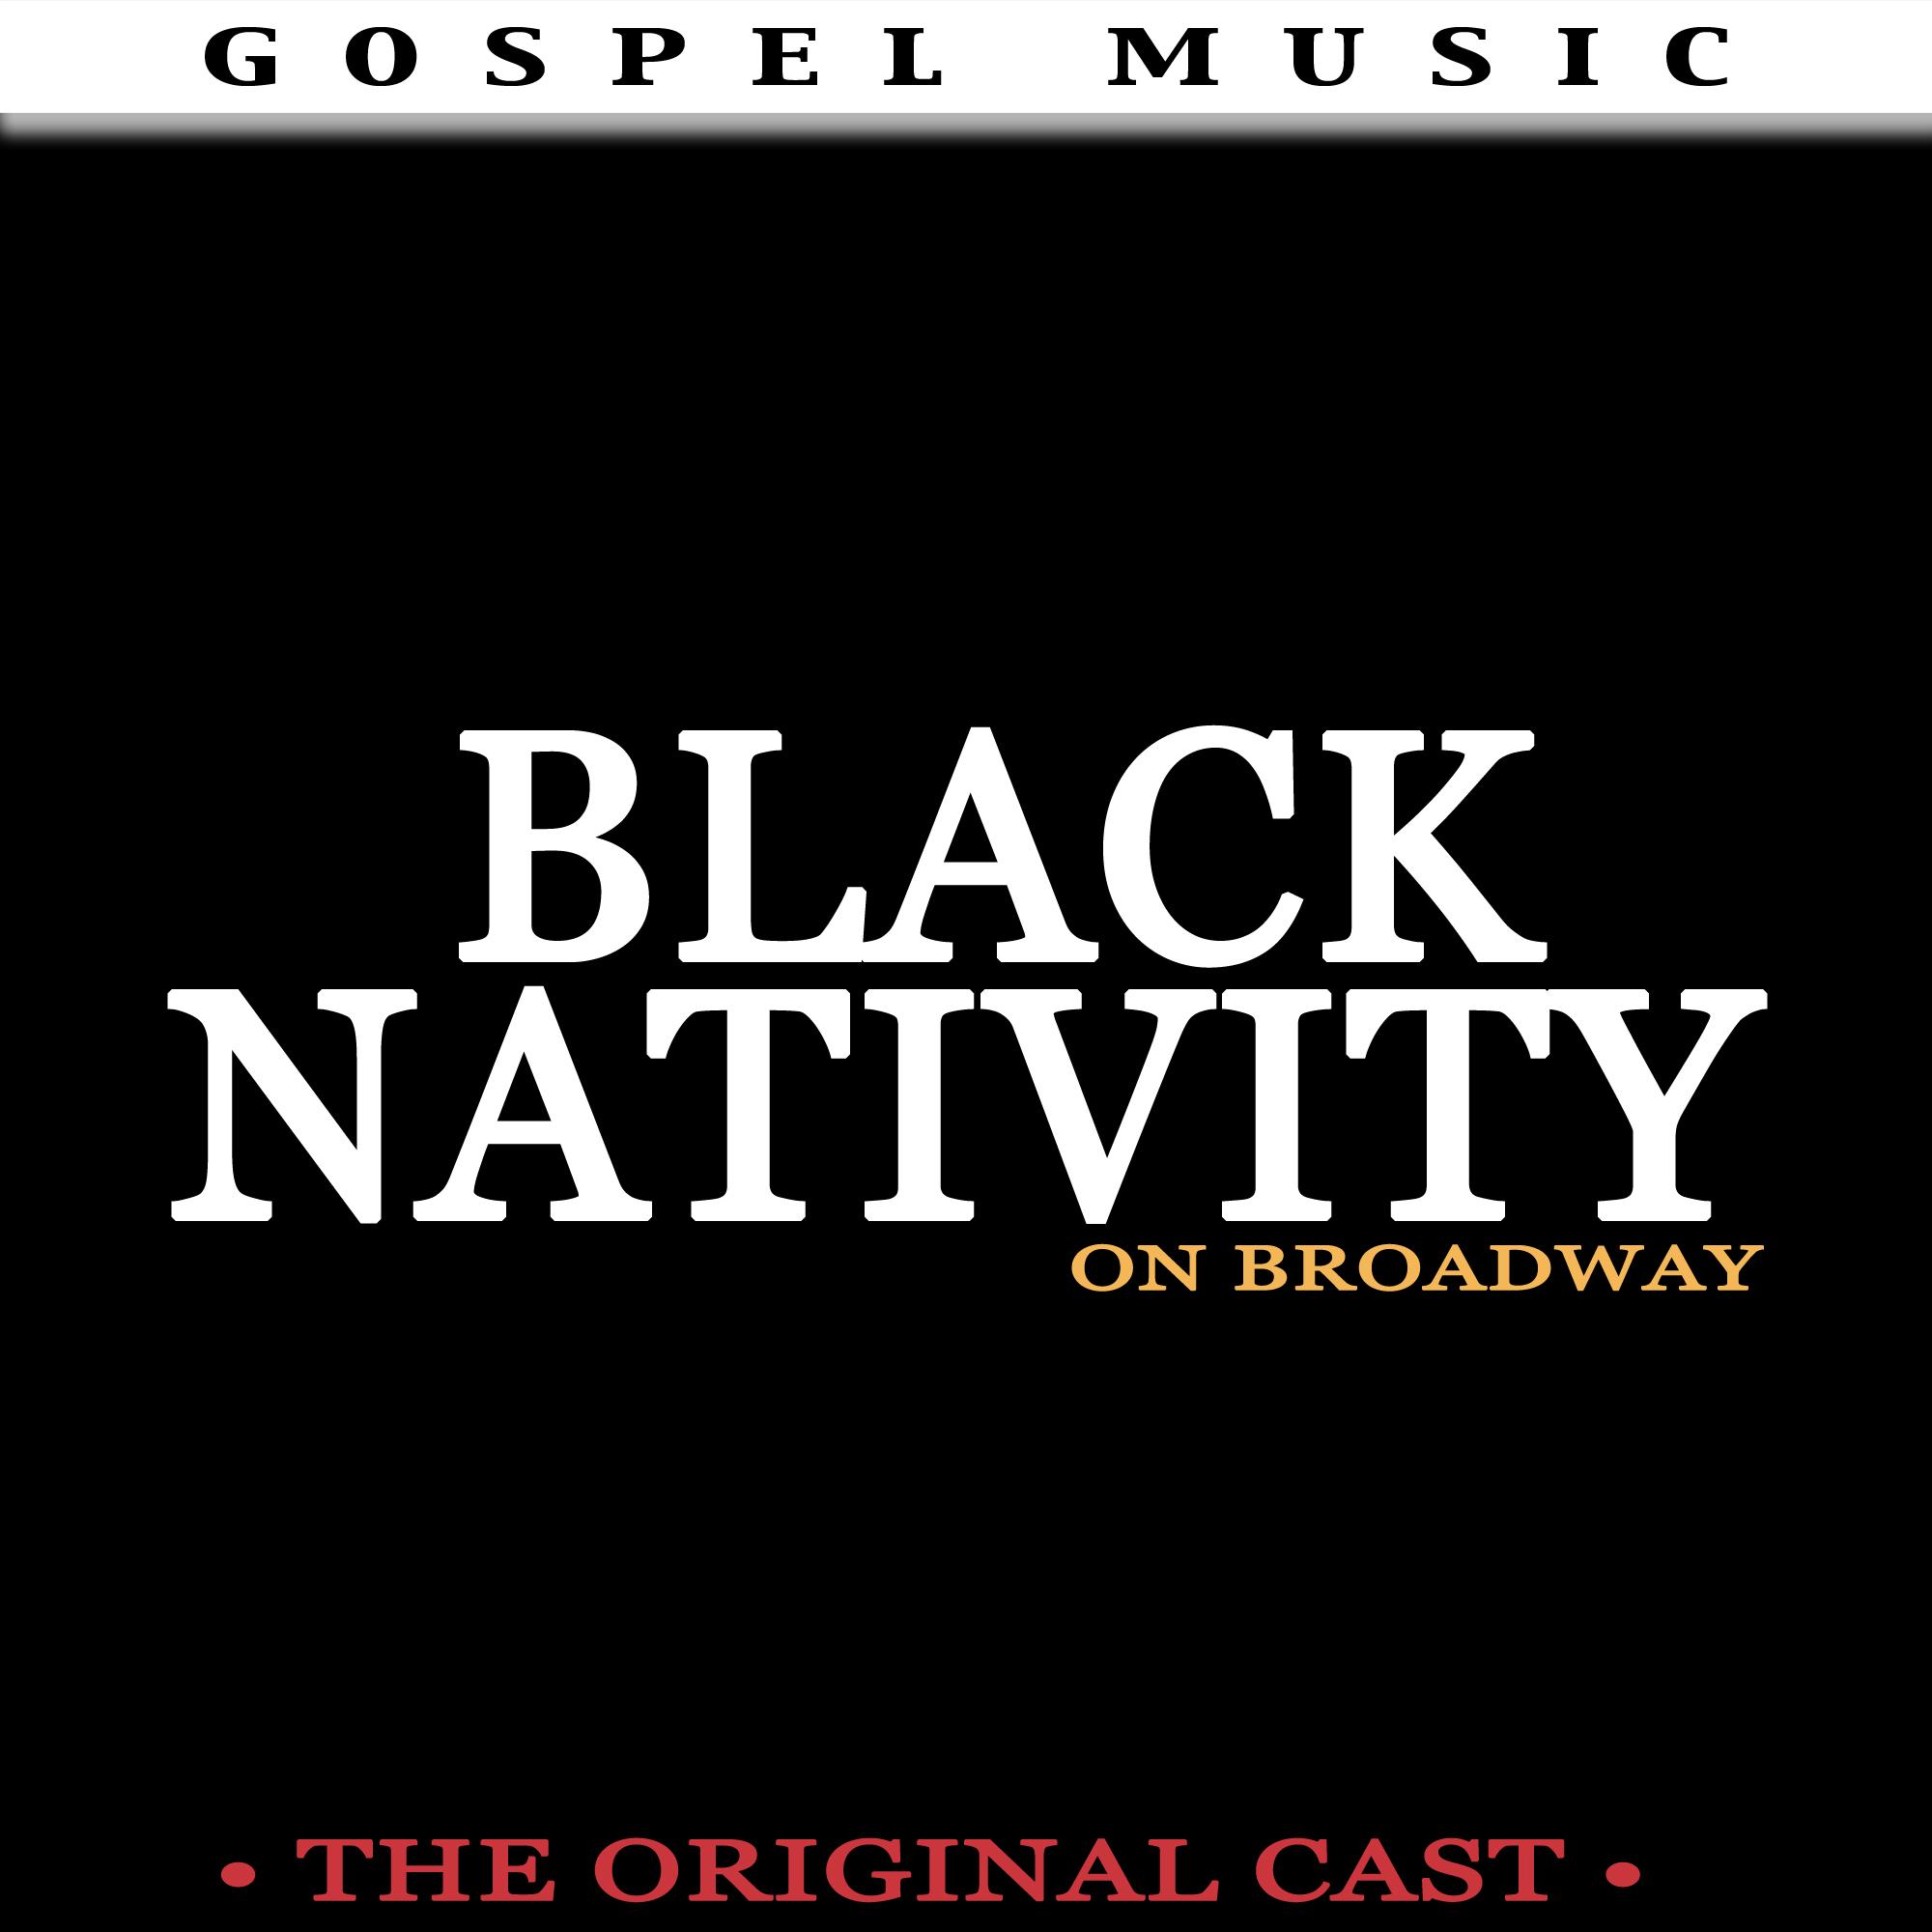 Black Nativity On Broadway